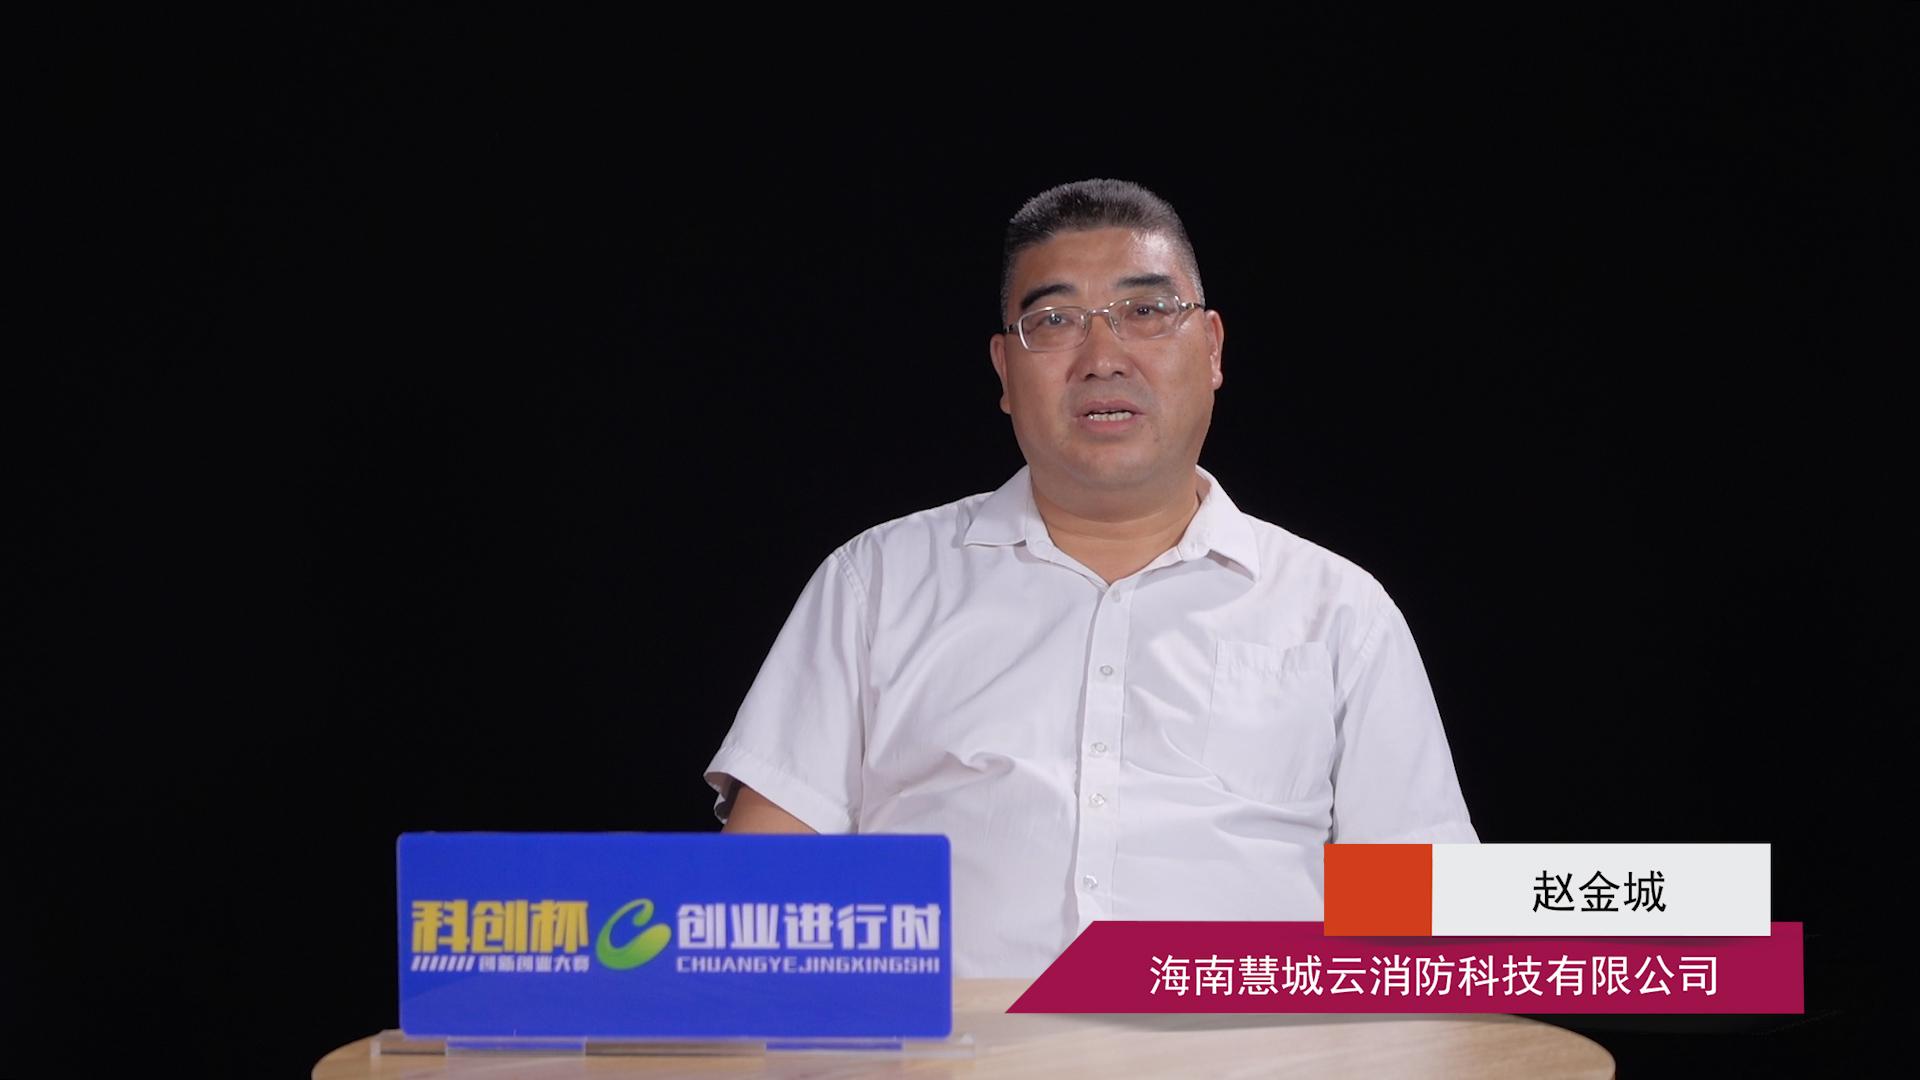 创业进行时|慧城云赵金城,智能火灾防范专家